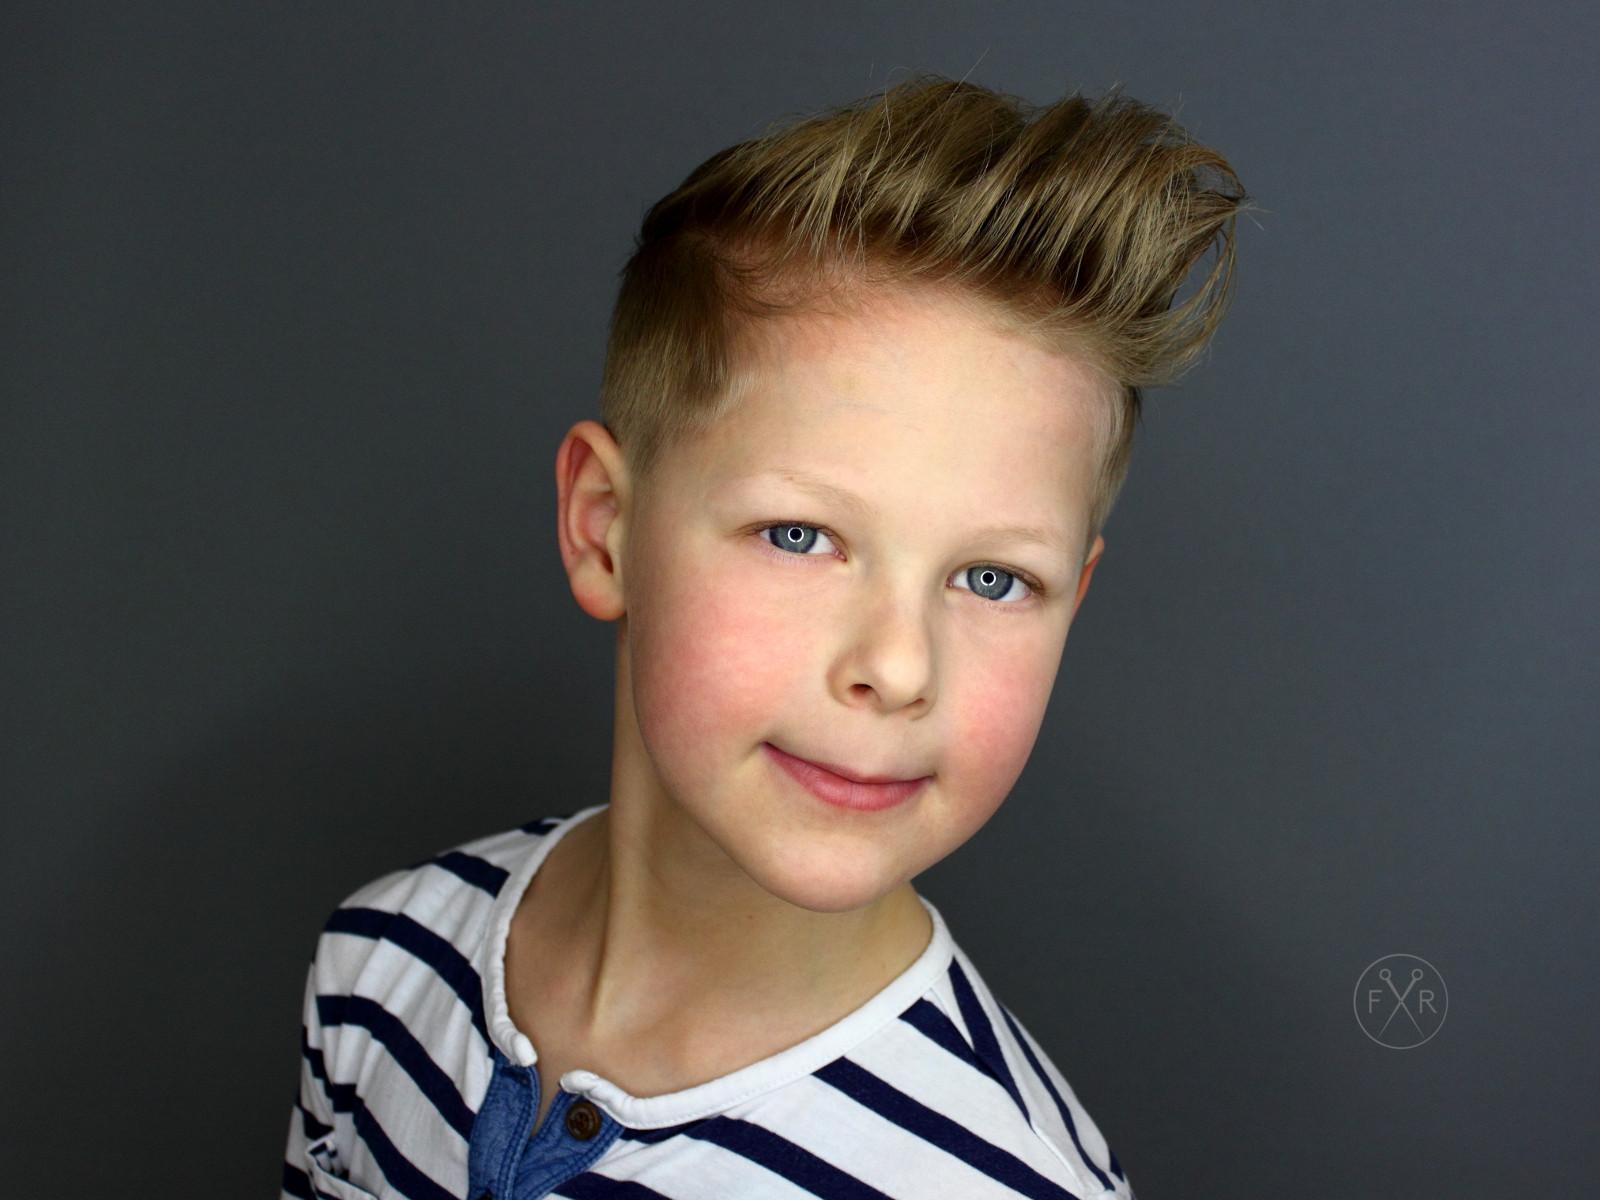 Kinder Haarschnitt Jungs  Kleinkind Frisur Junge 1001 trendige und coole frisuren f